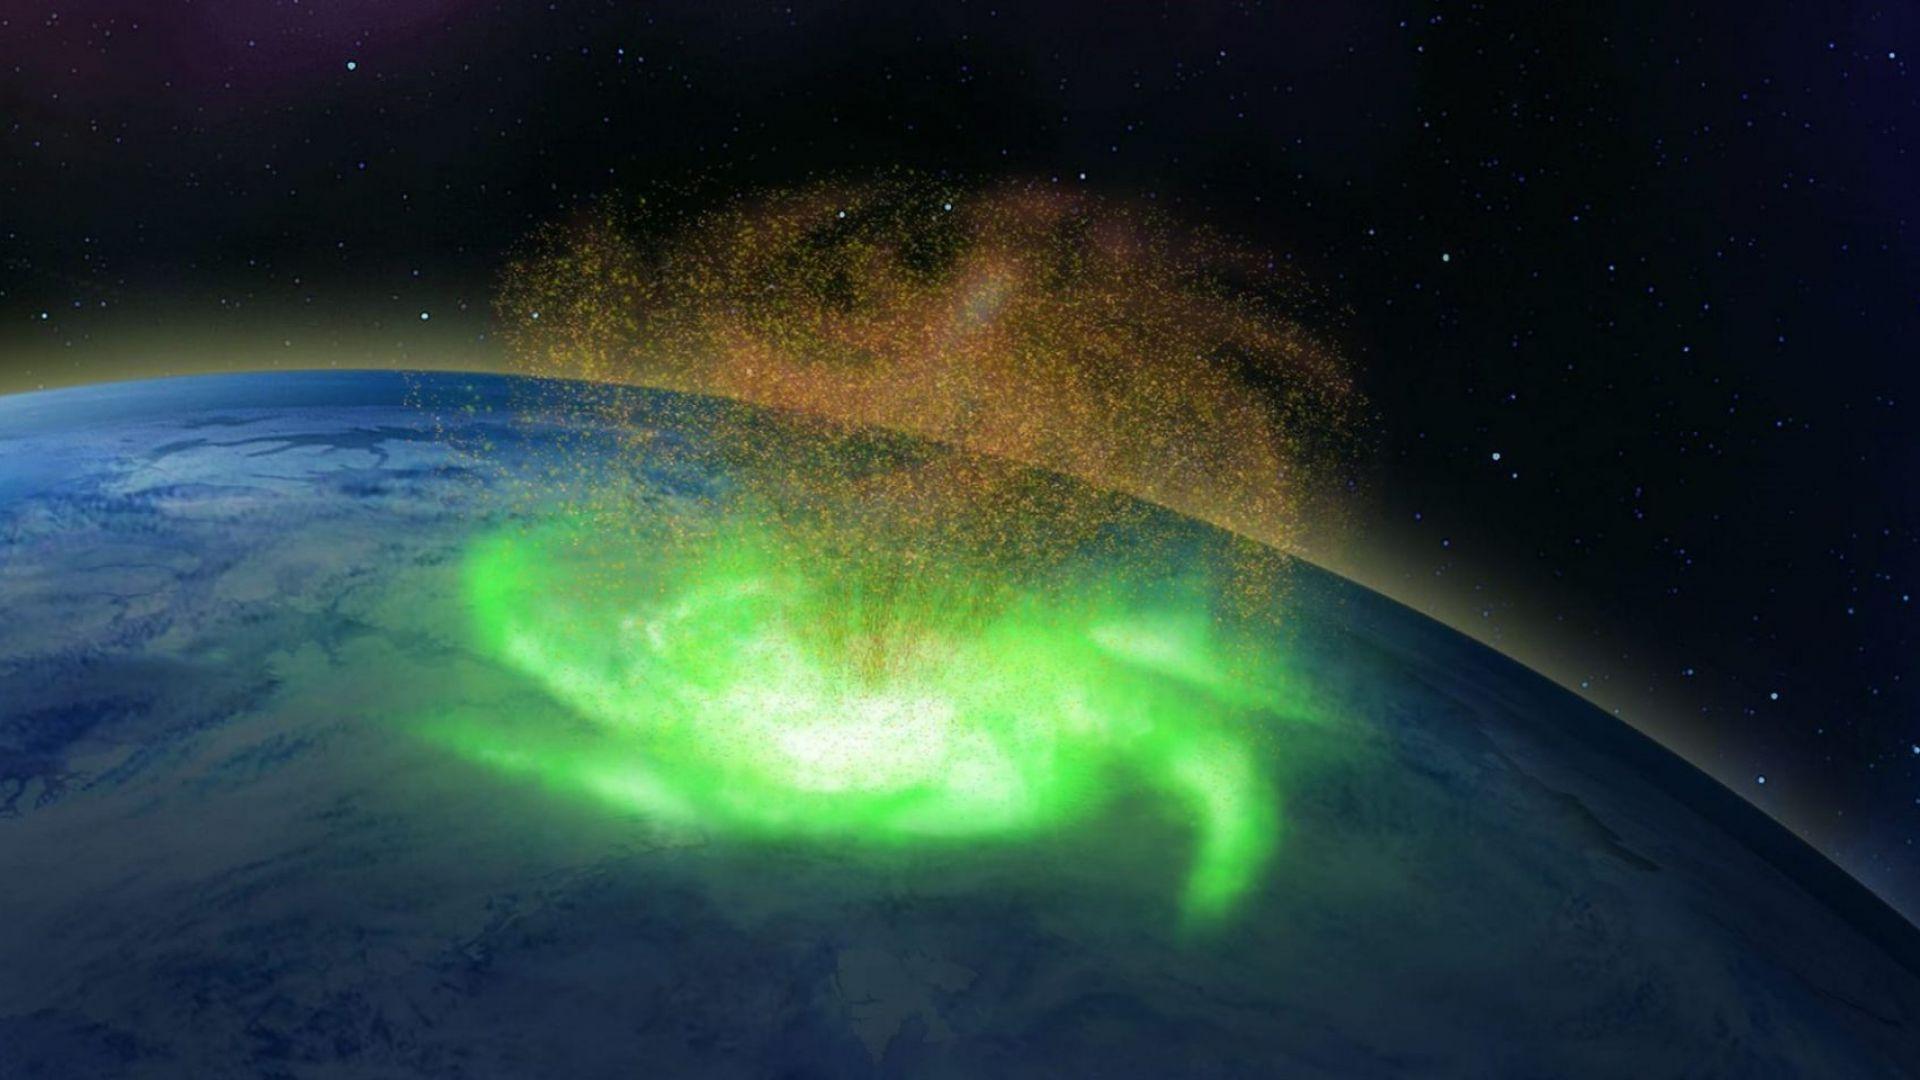 Астрономи откриха космически ураган в земната атмосфера